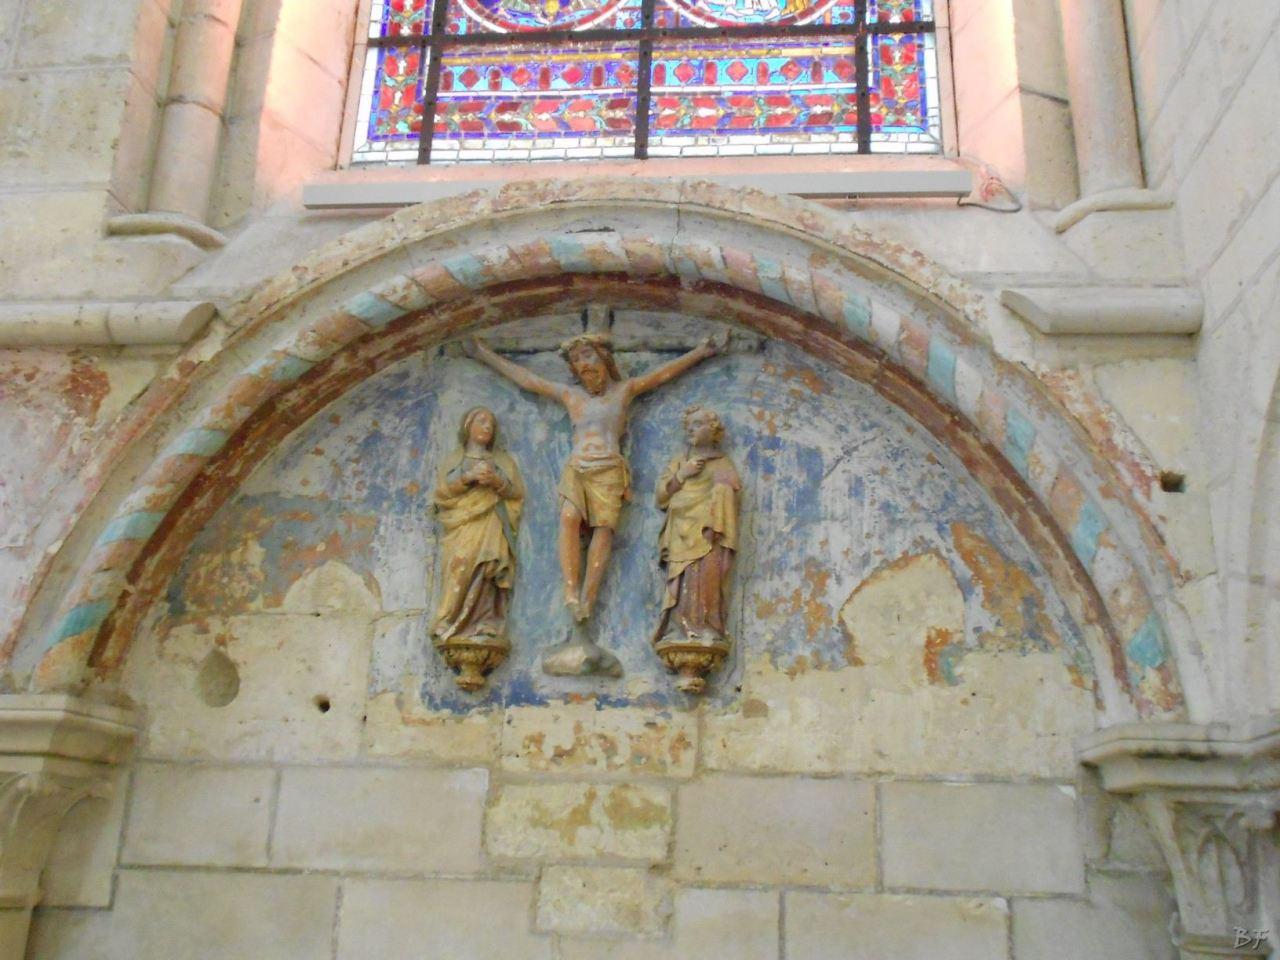 Cattedrale-Gotica-della-Vergine-di-Laon-Aisne-Hauts-de-France-15